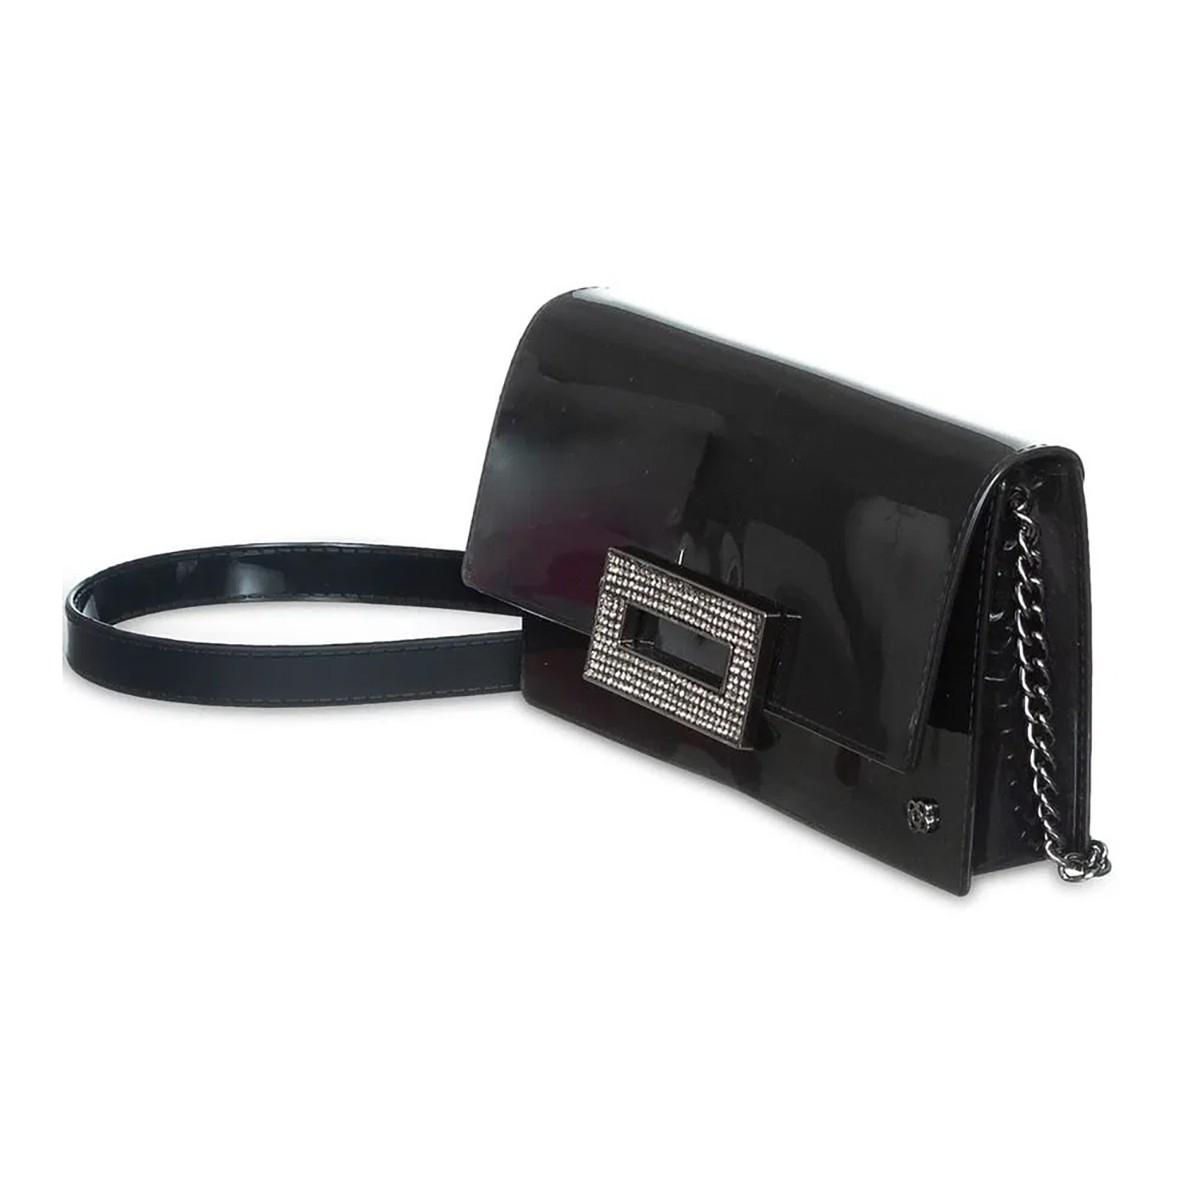 Bolsa Petite Jolie PJ10021 Long Wallet